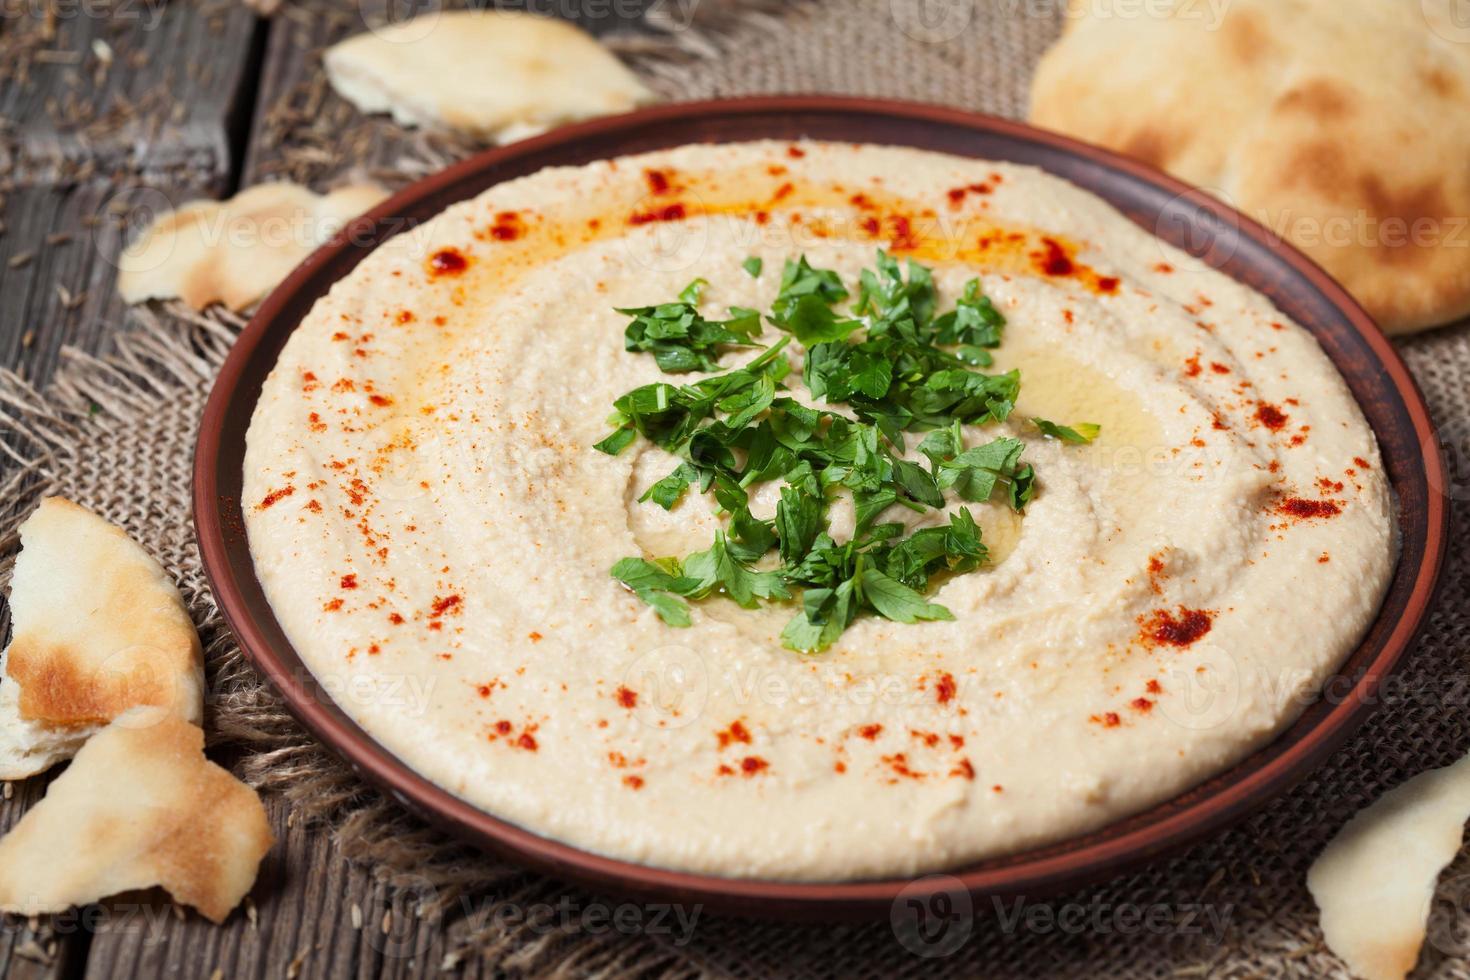 tigela de hummus, salada mediterrânea suave tradicional com óleo, pimentão foto